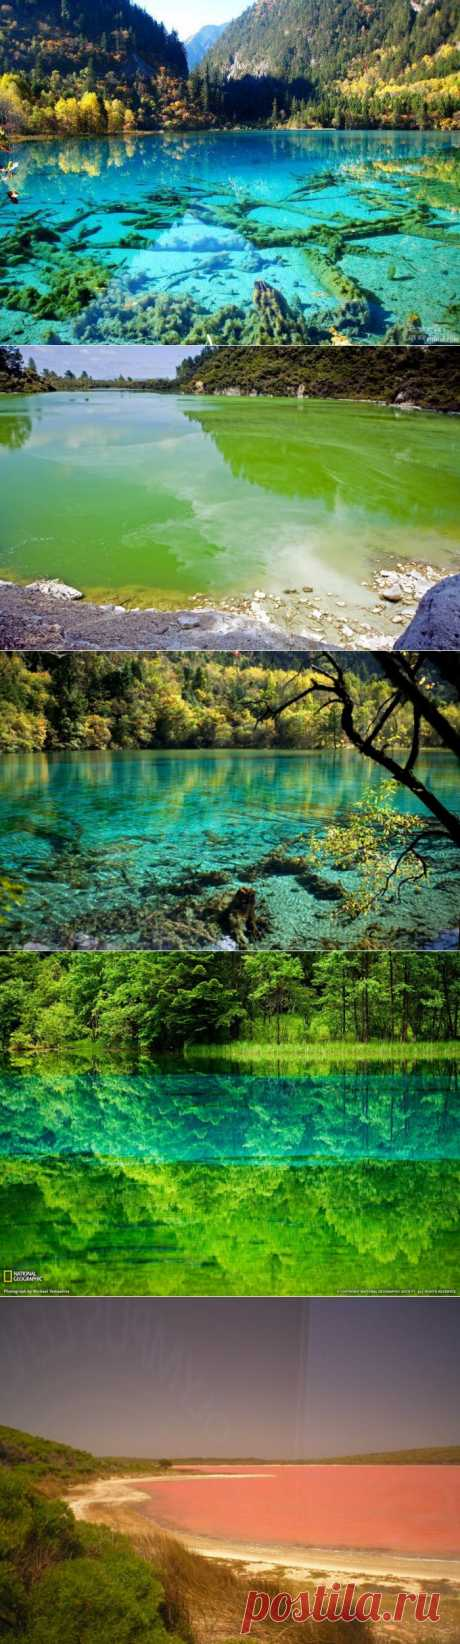 » 5 озер с водой удивительных оттенков